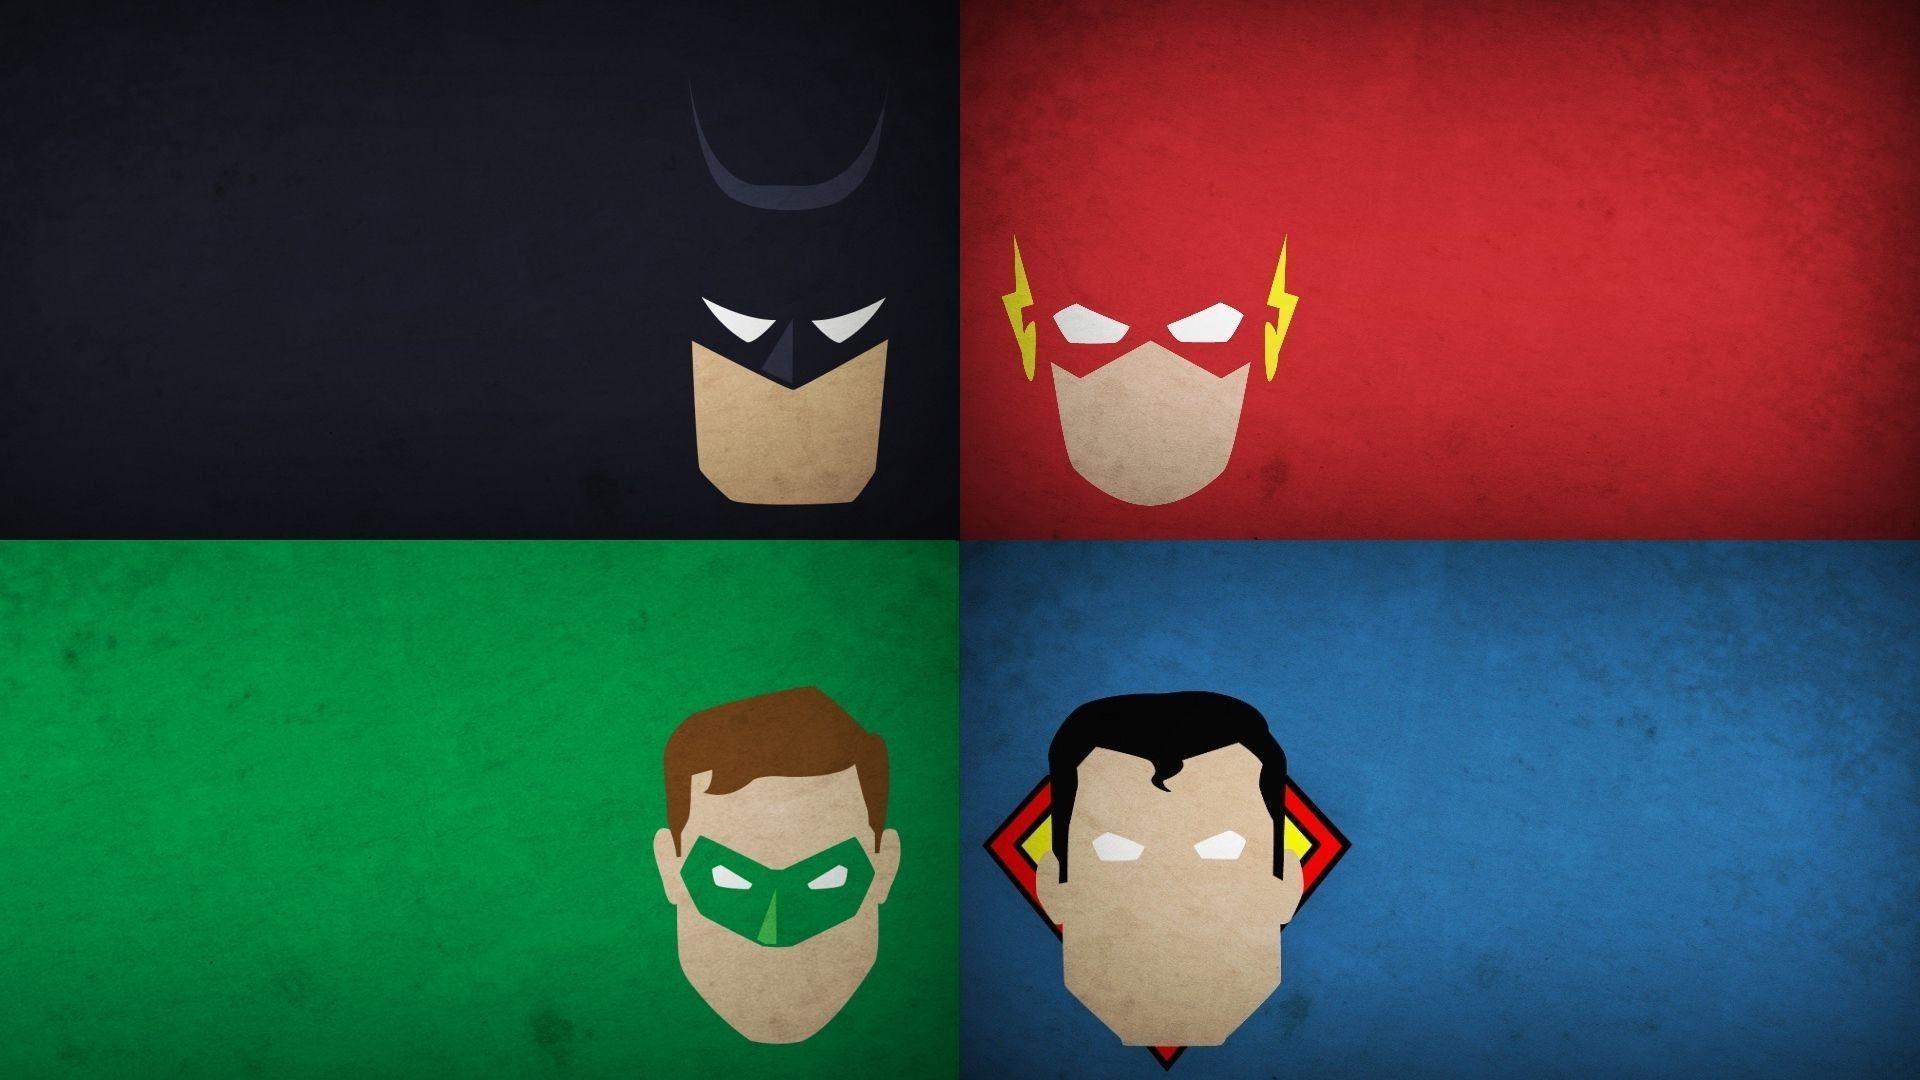 The Flash Wallpaper HD - WallpaperSafari